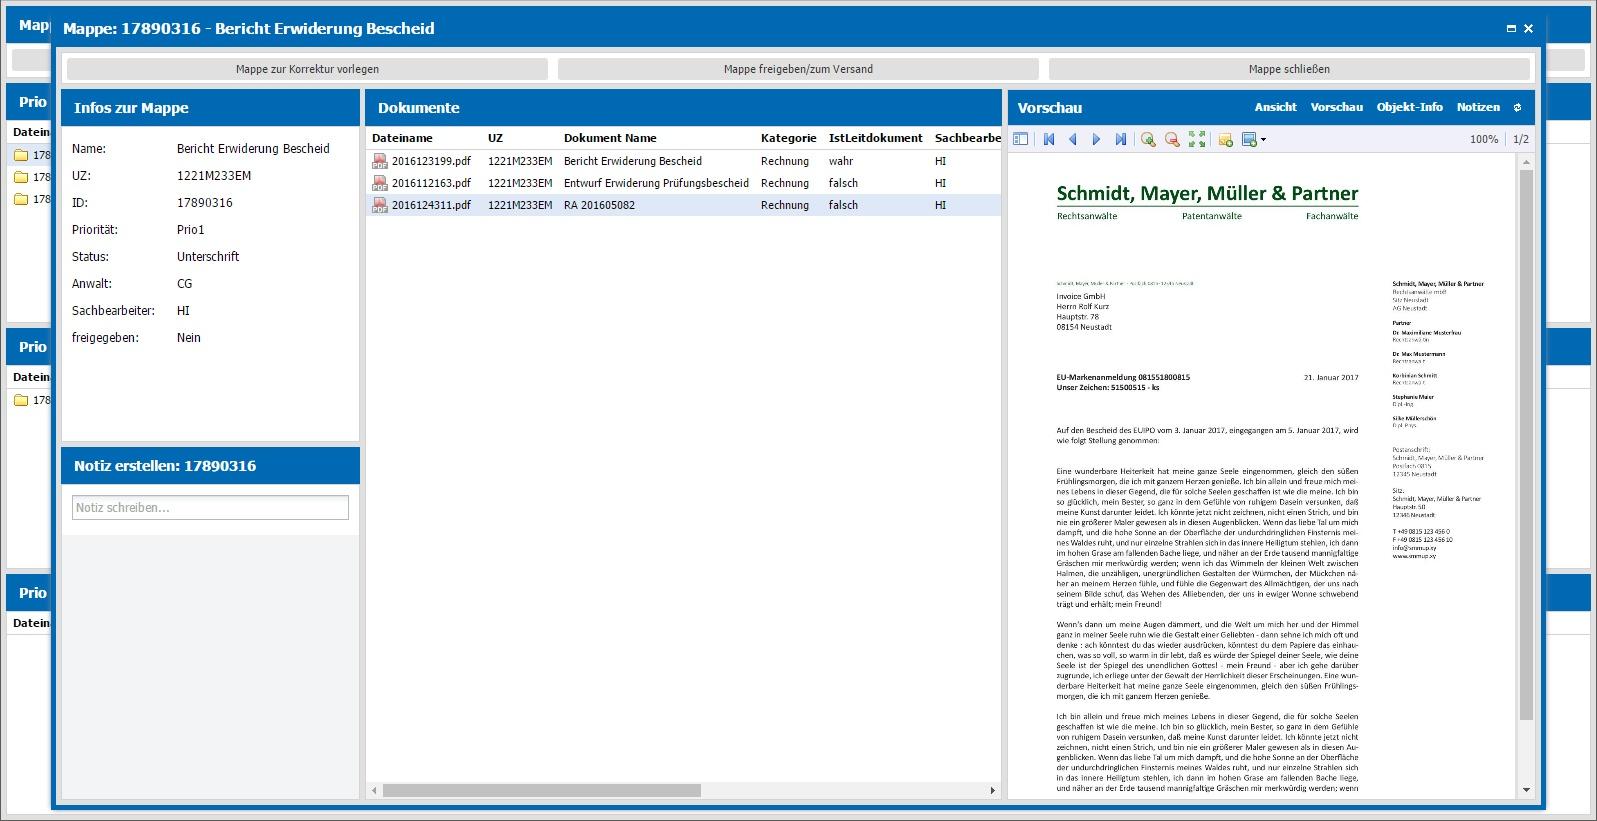 Mappe mit PDF-Vorschau